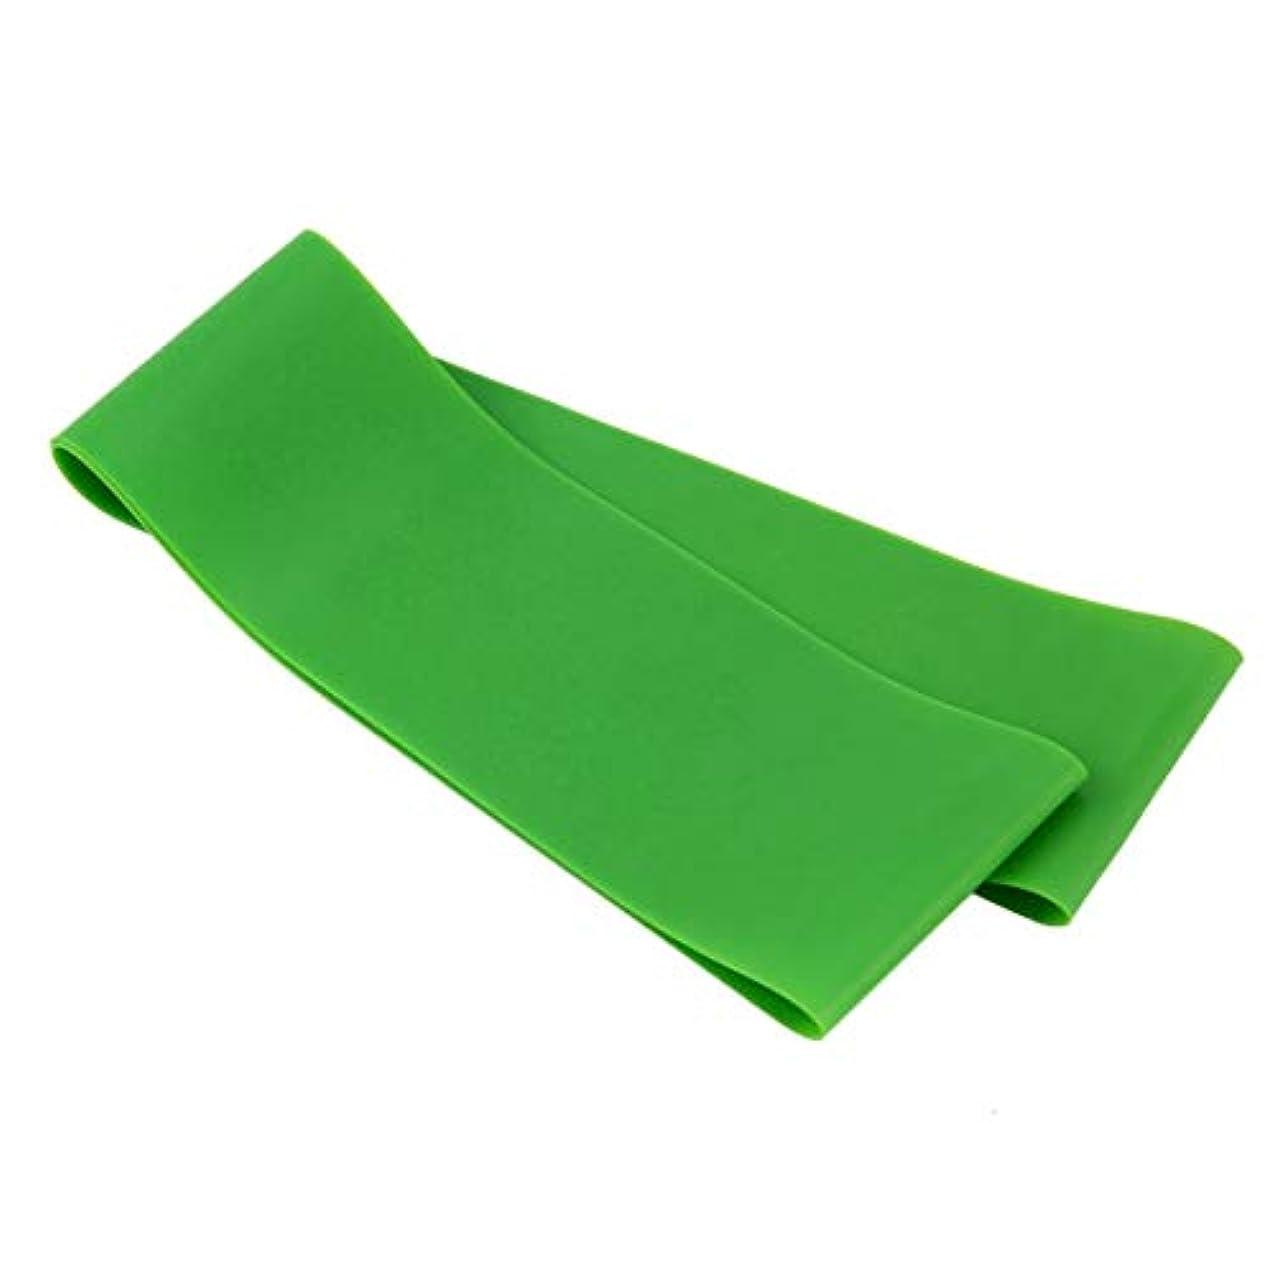 非難する発生クレア滑り止め伸縮性ゴム弾性ヨガベルトバンドプルロープ張力抵抗バンドループ強度のためのフィットネスヨガツール - グリーン